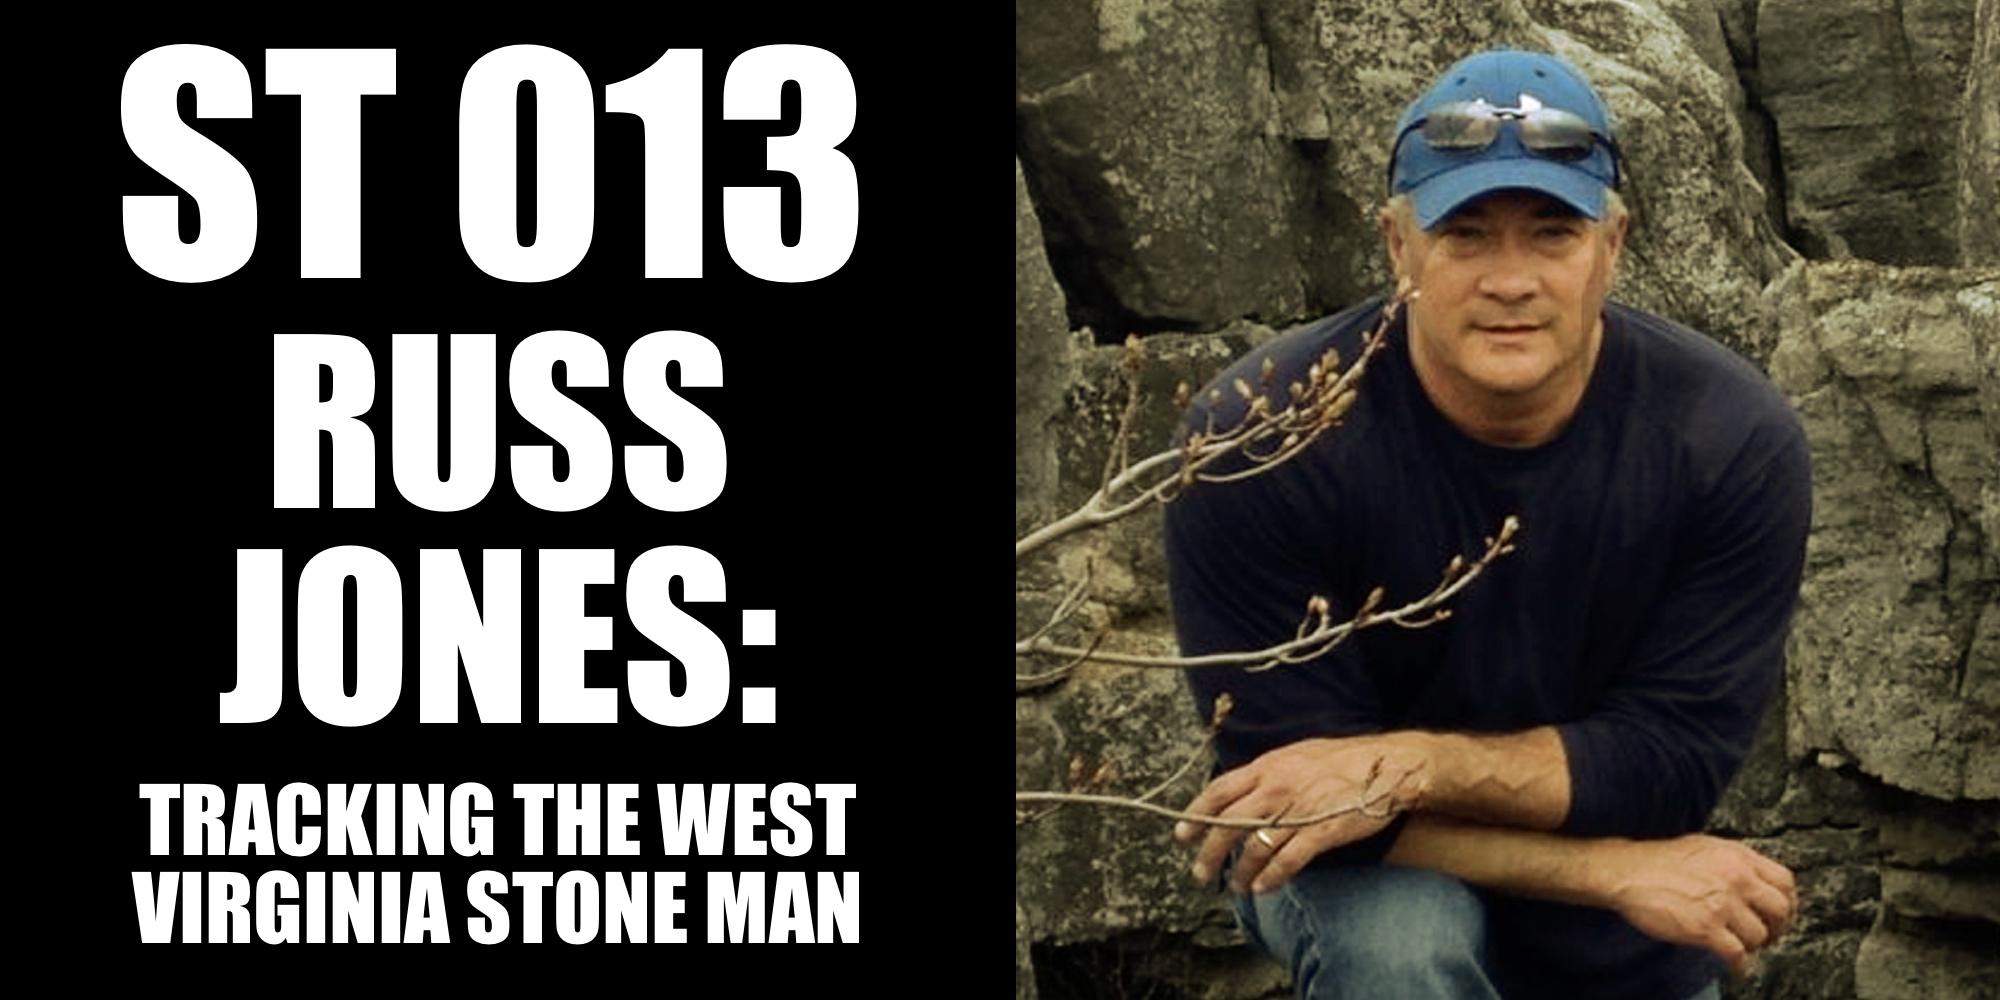 Russ Jones